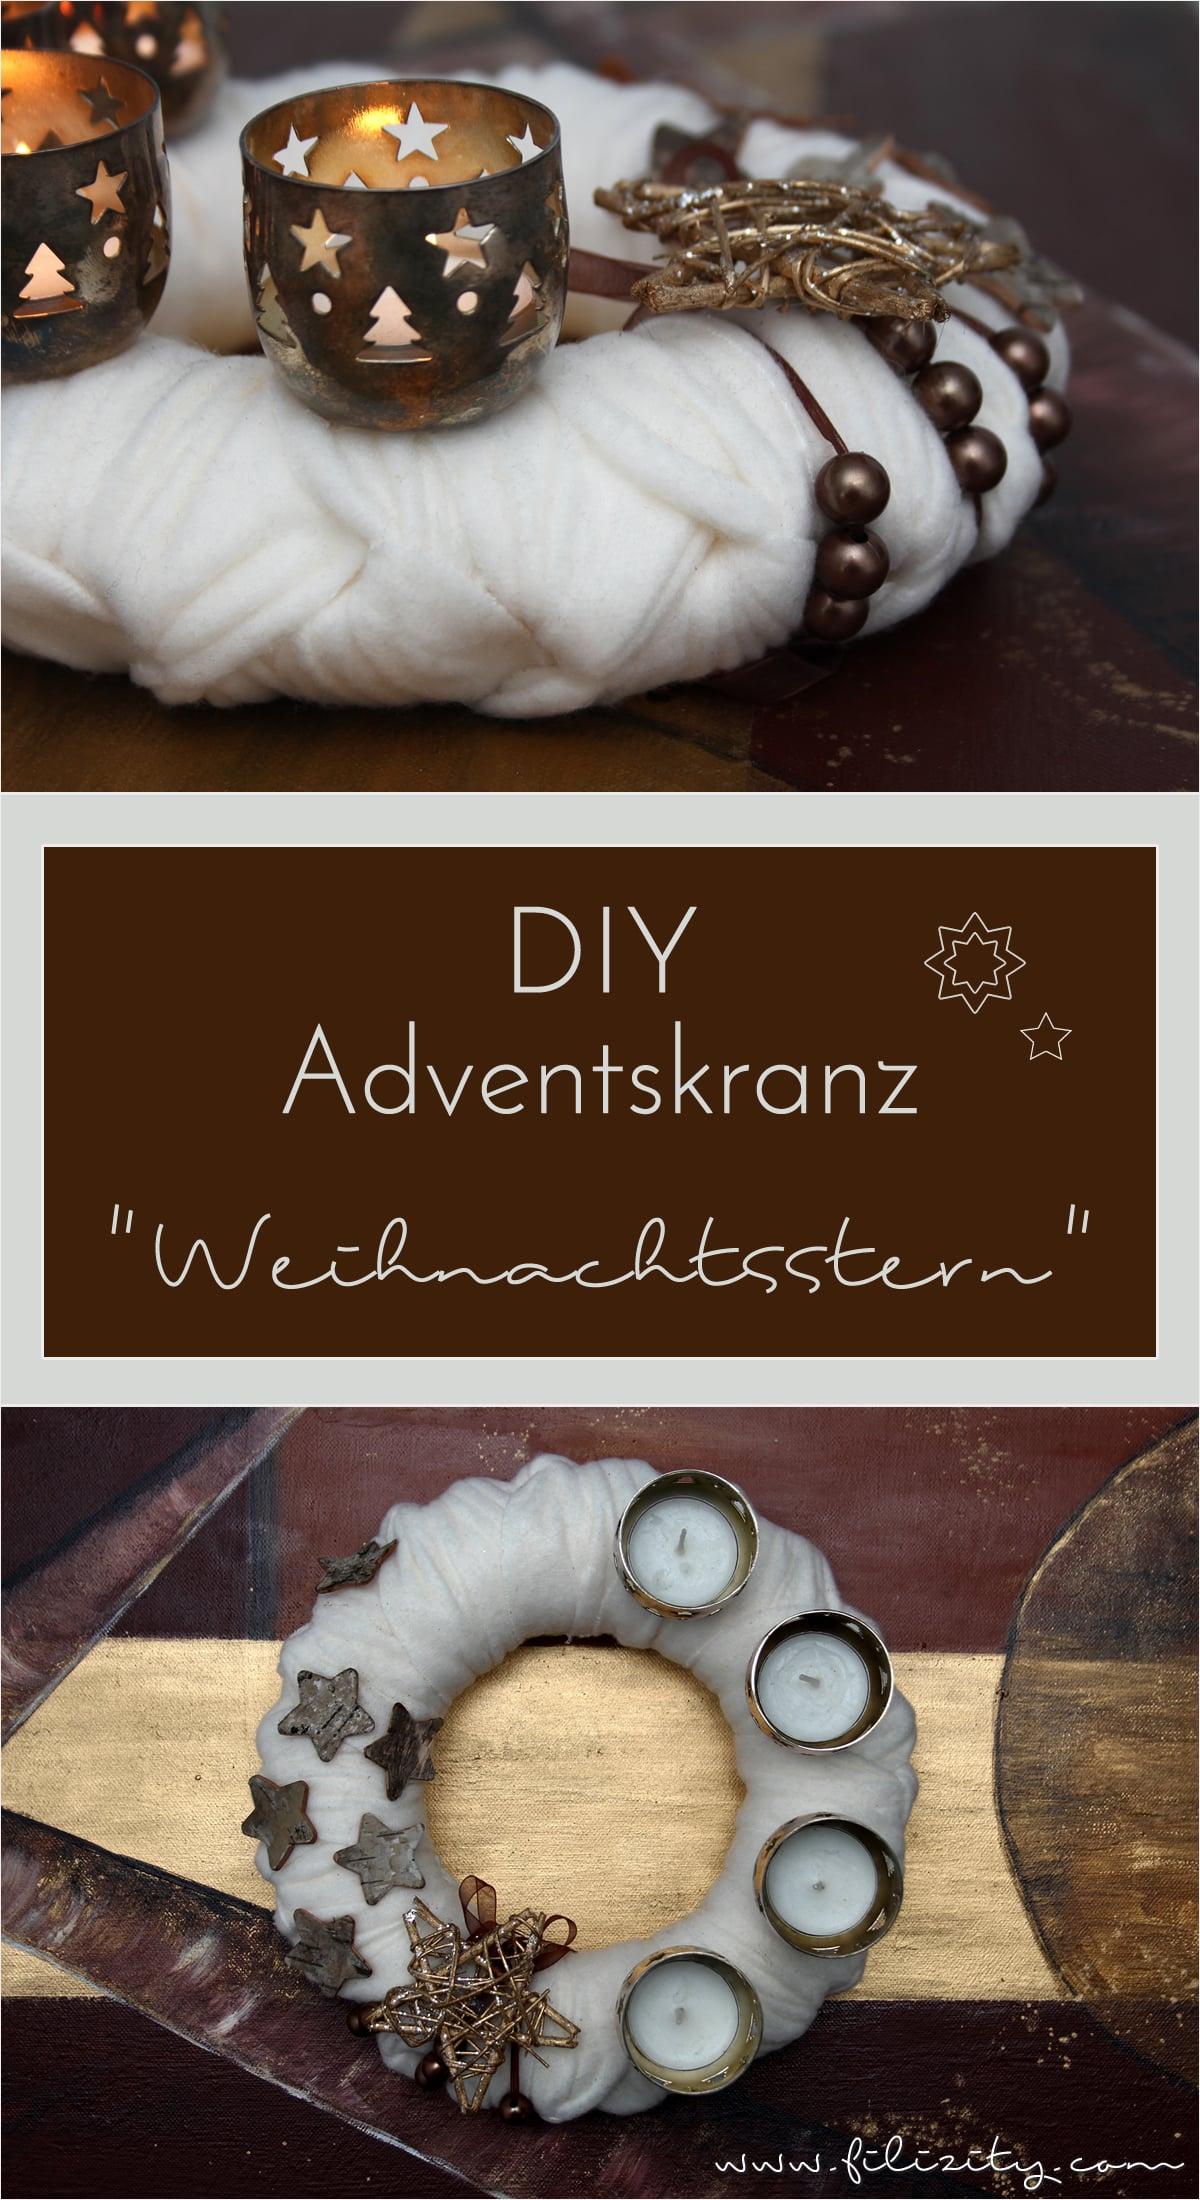 """DIY: Adventskranz """"Weihnachtsstern"""" selber machen"""